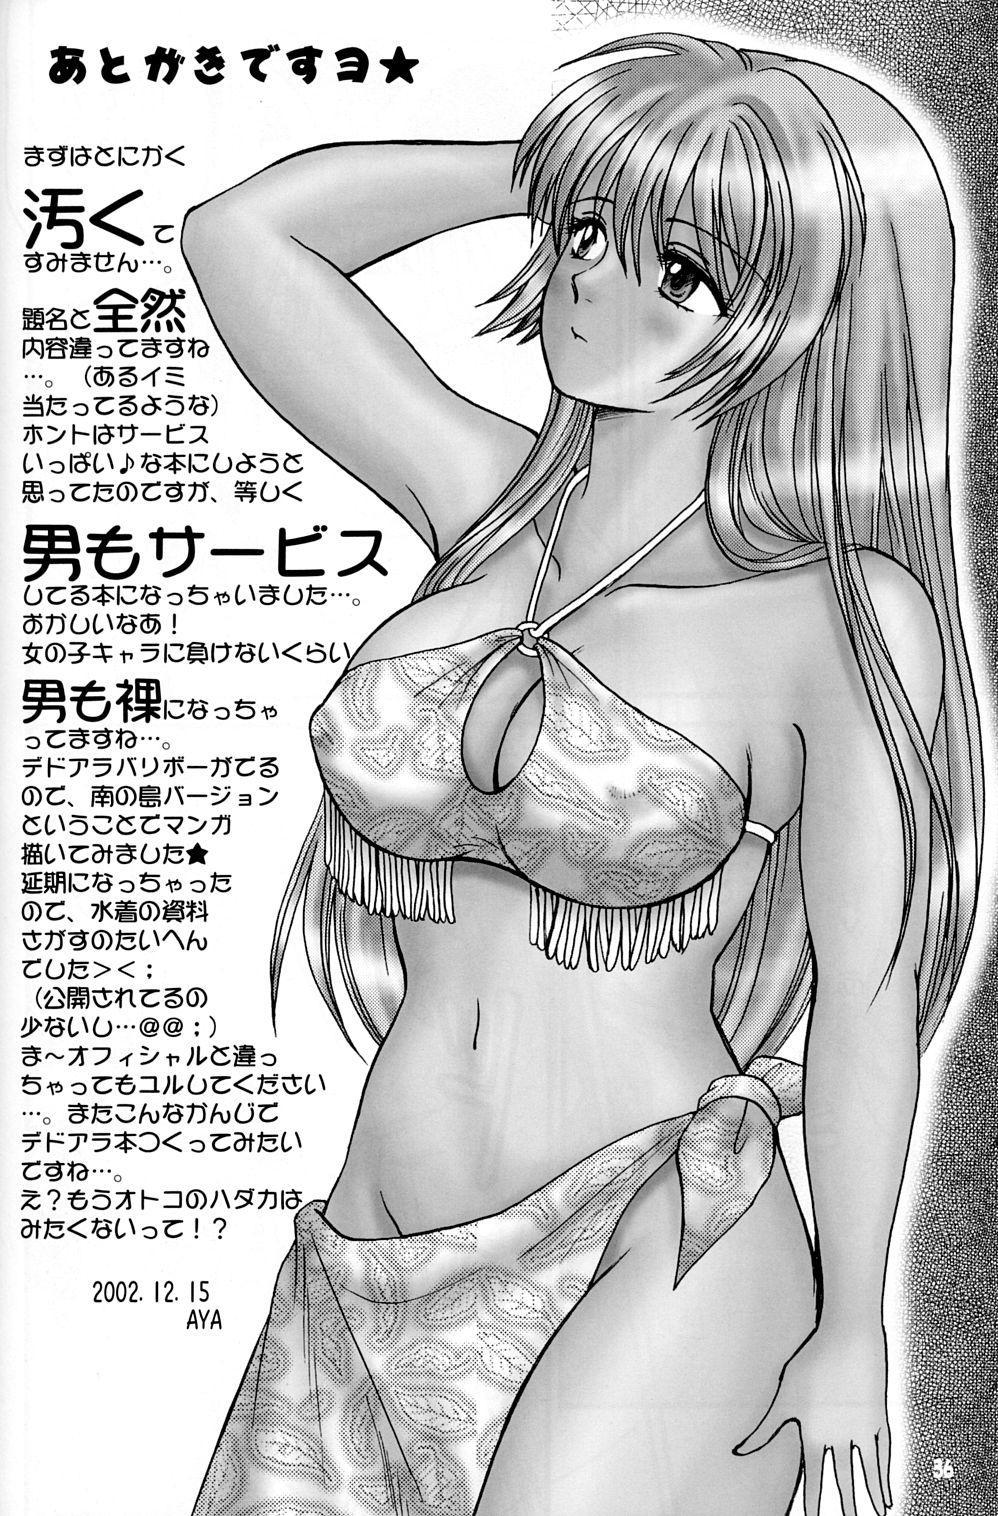 Gokujou desu yo! - It's XTREME! 34